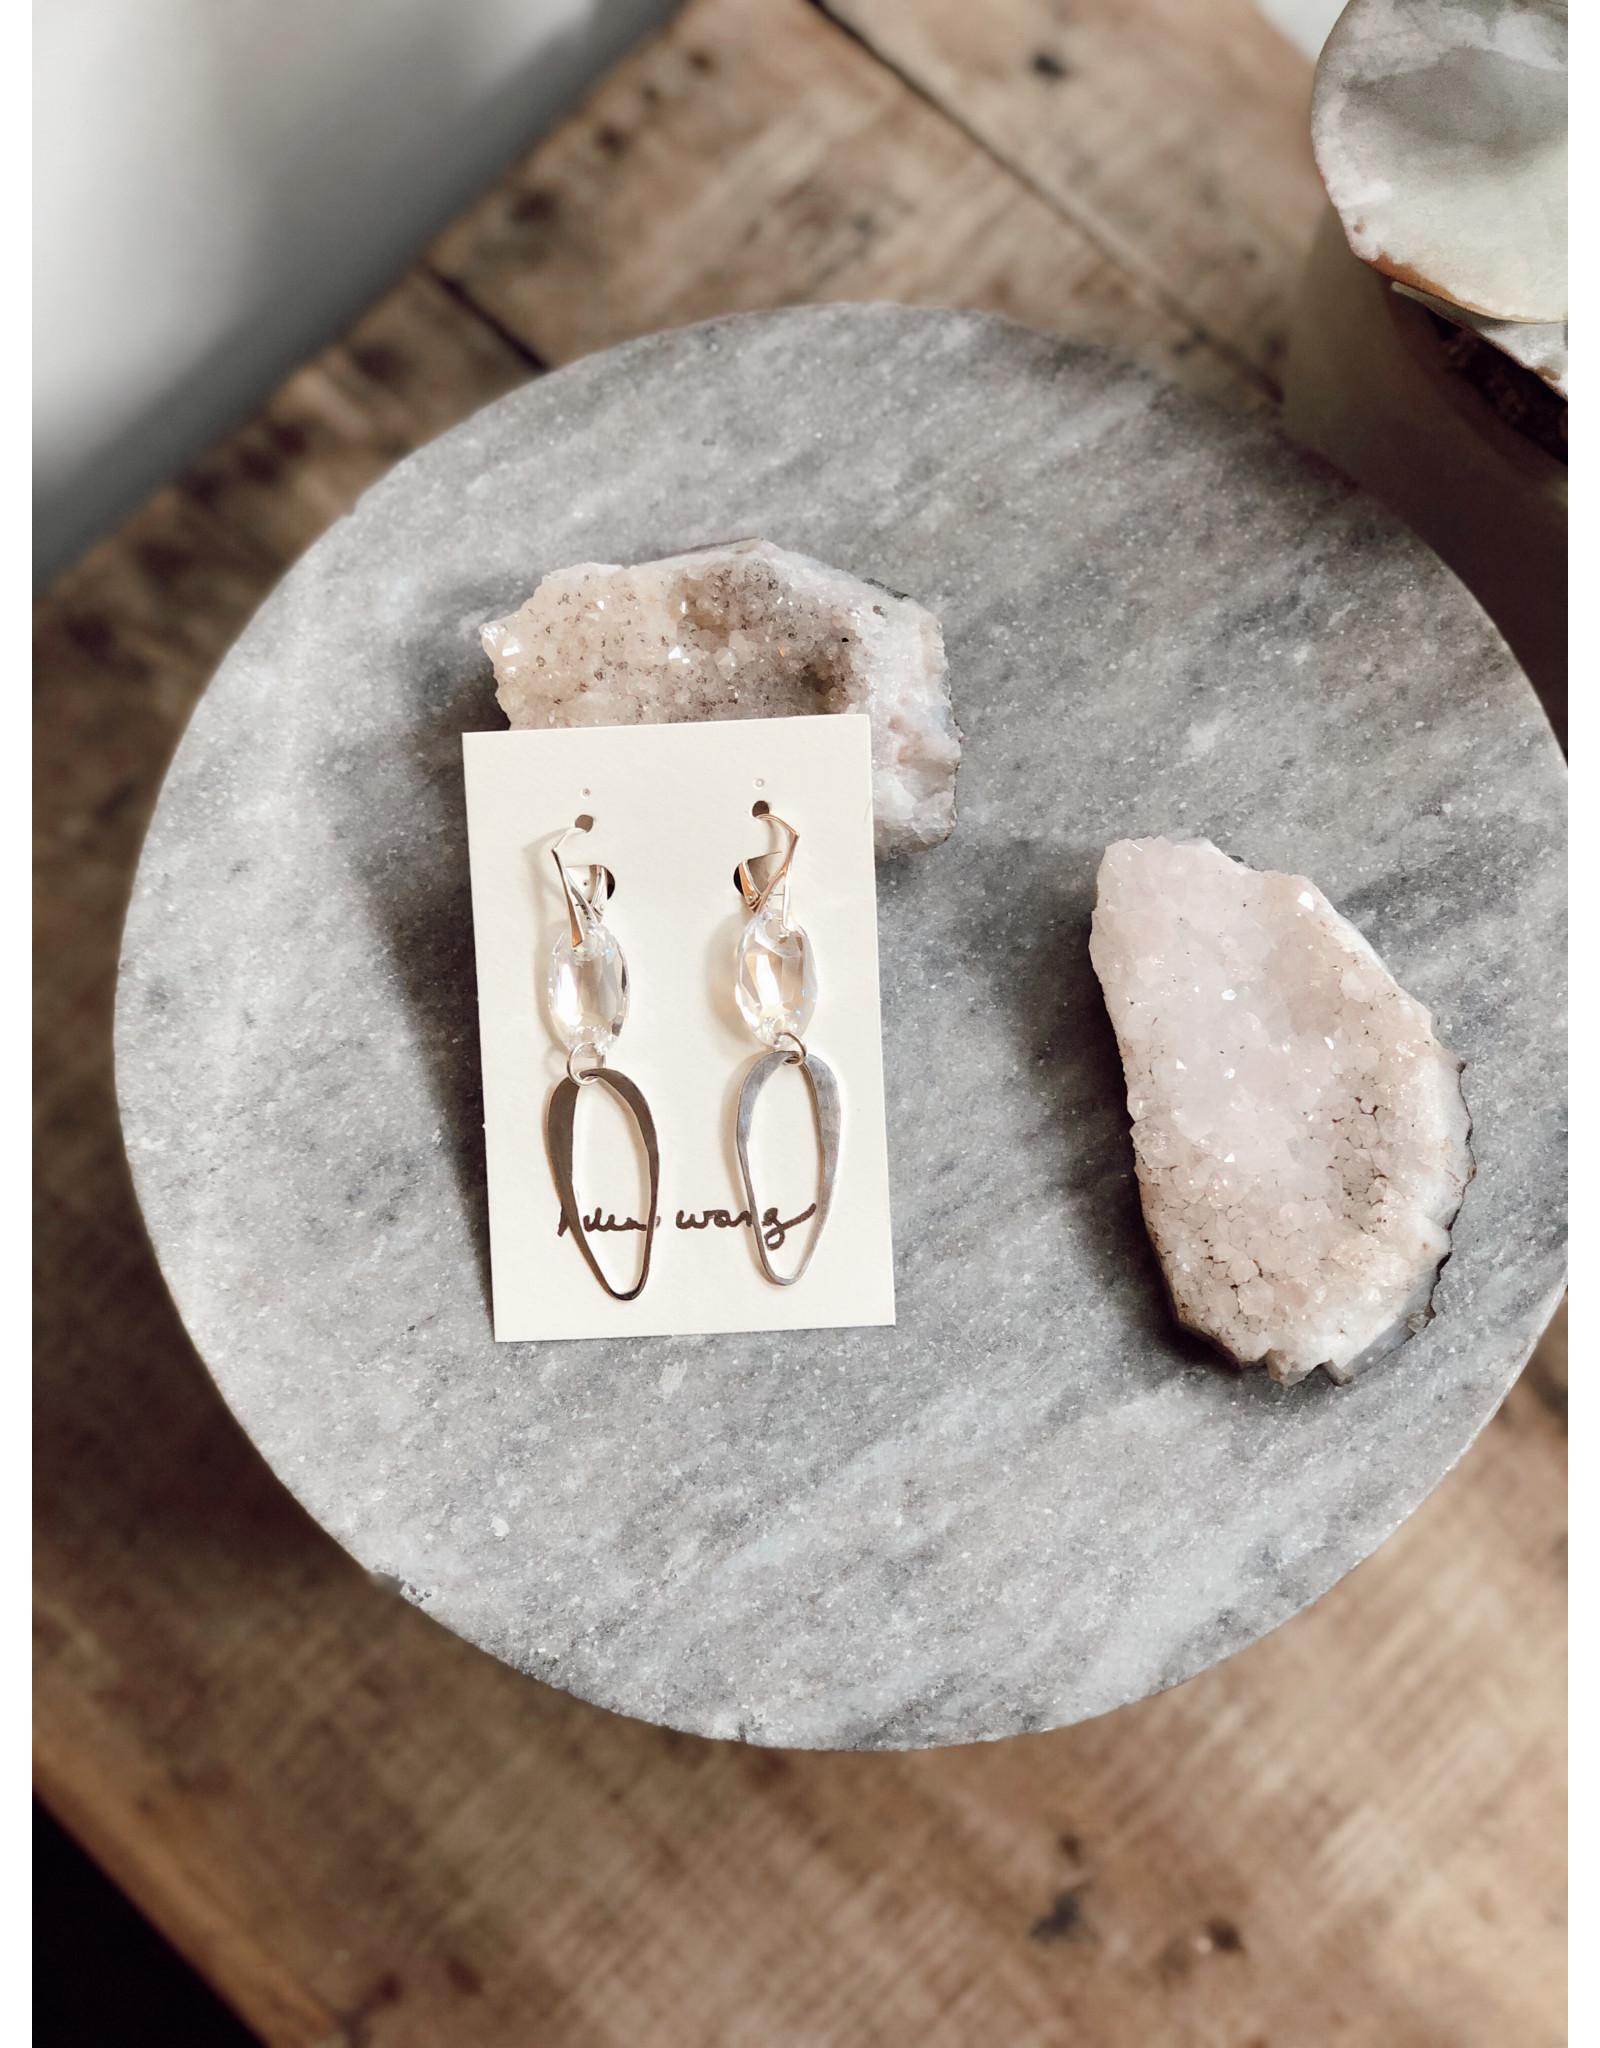 Helen Wang HW Swarovski Teardrop Earrings